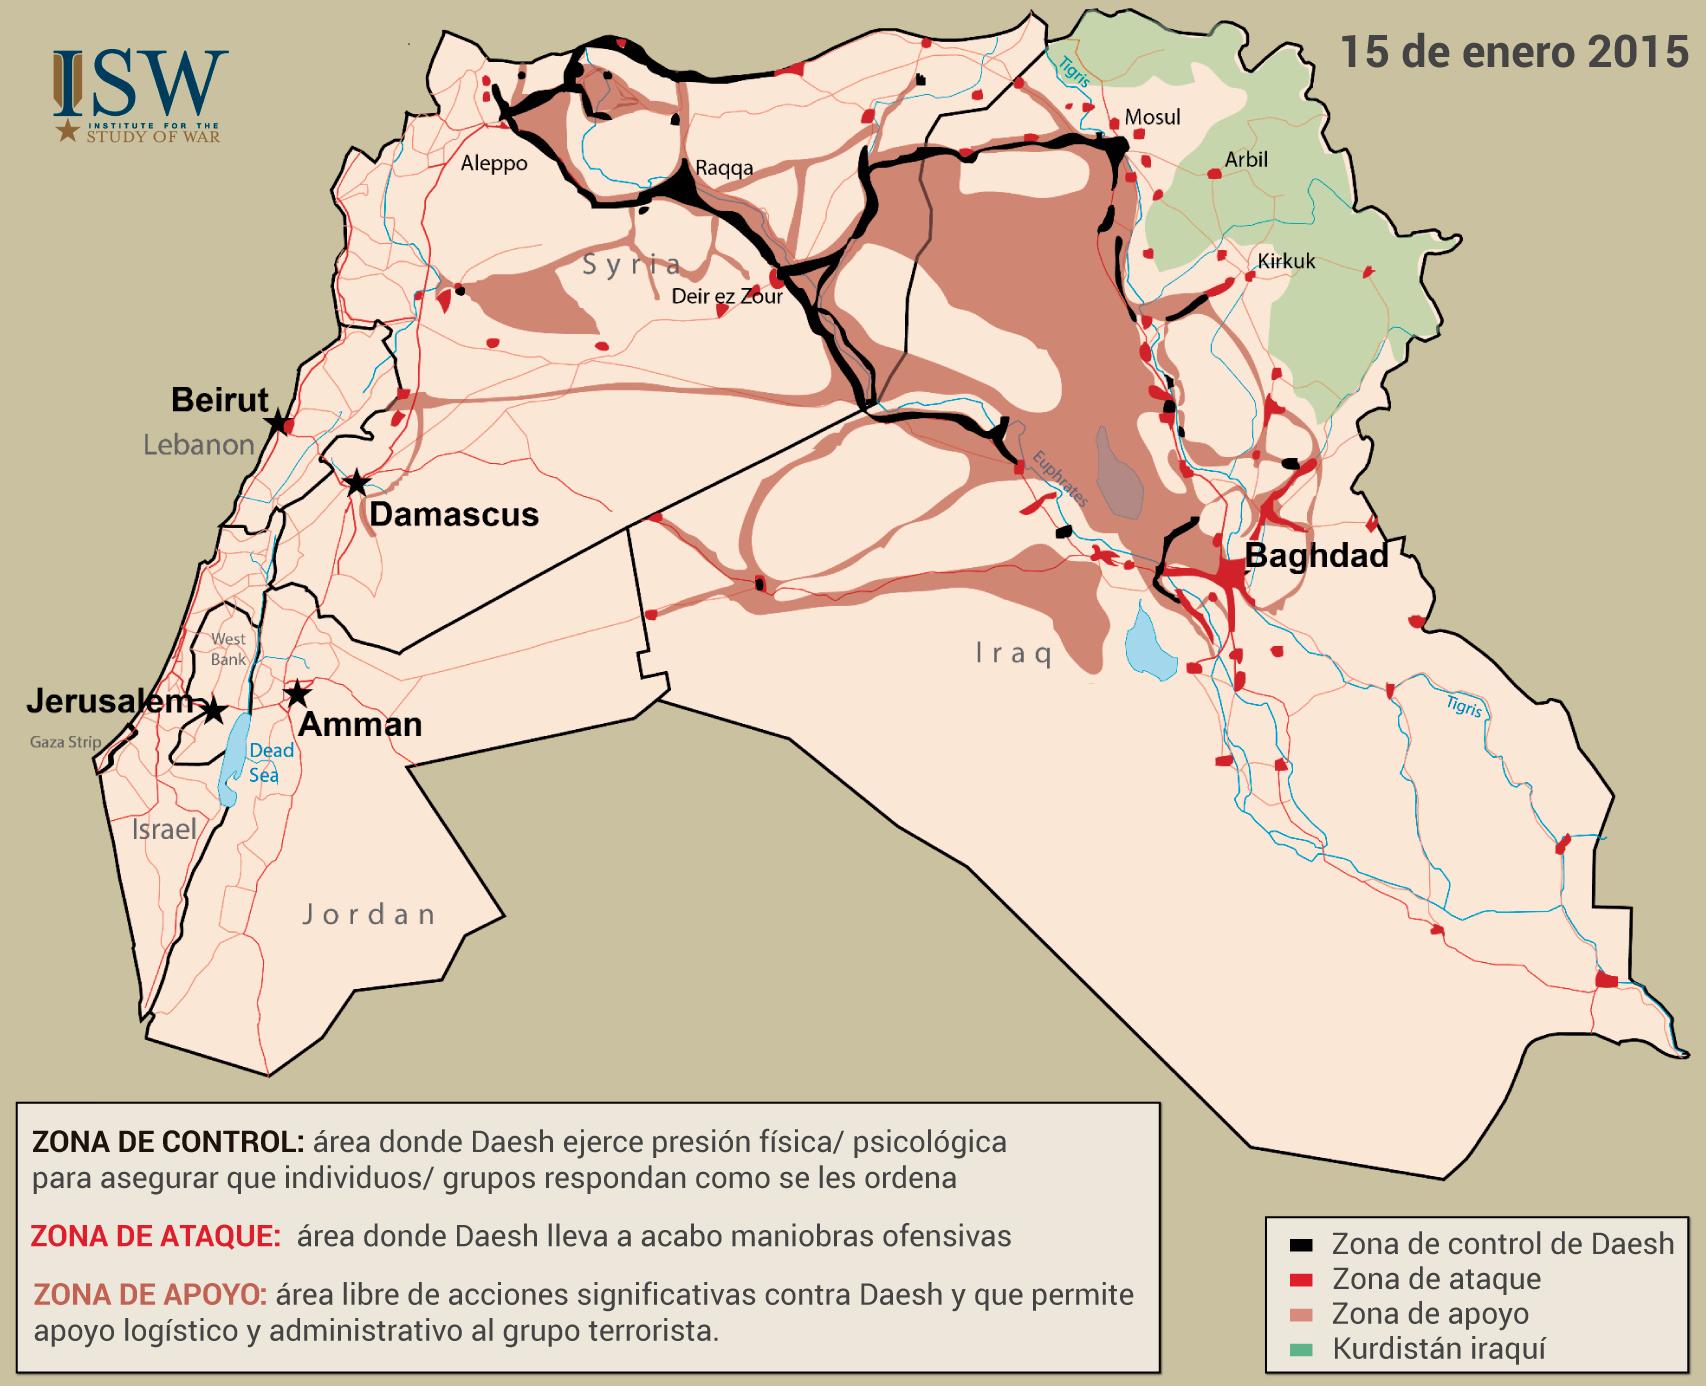 Mapa del santuario del Estado Islámico en Siria e Irak.